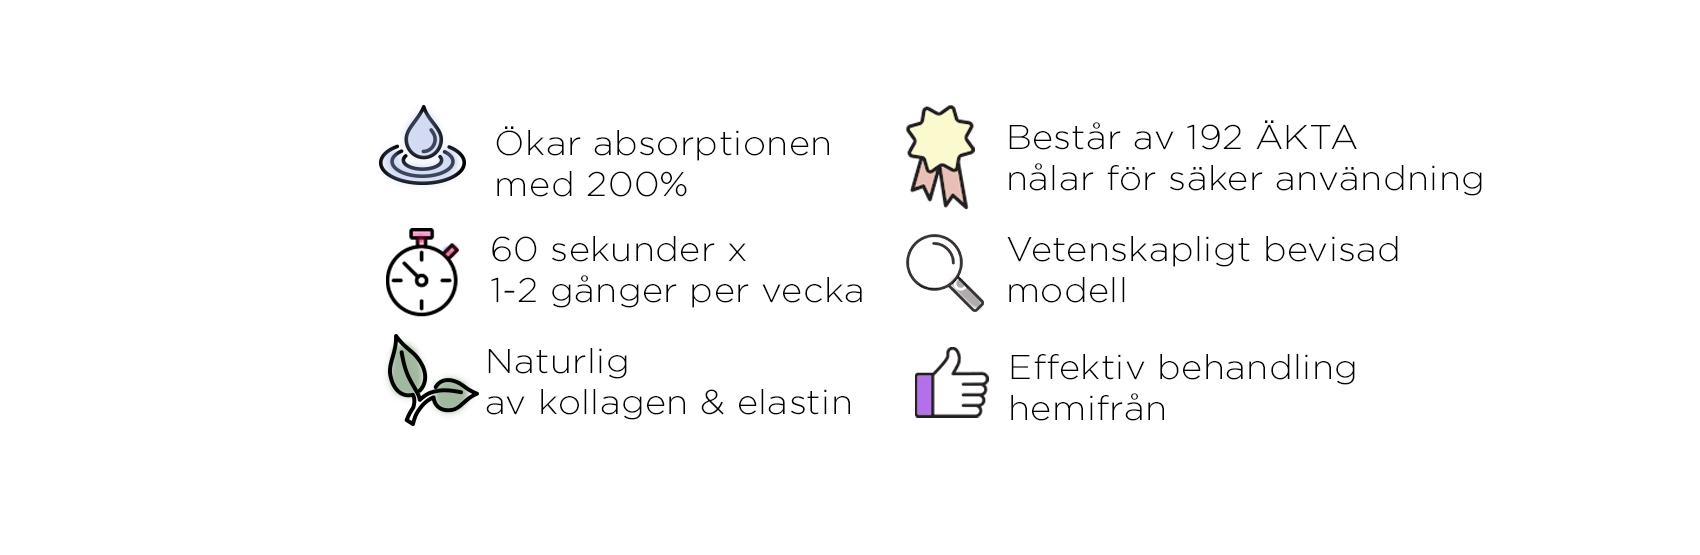 https://www.skinroller.se/image/3039/Skinroller-USP-Fav.jpg